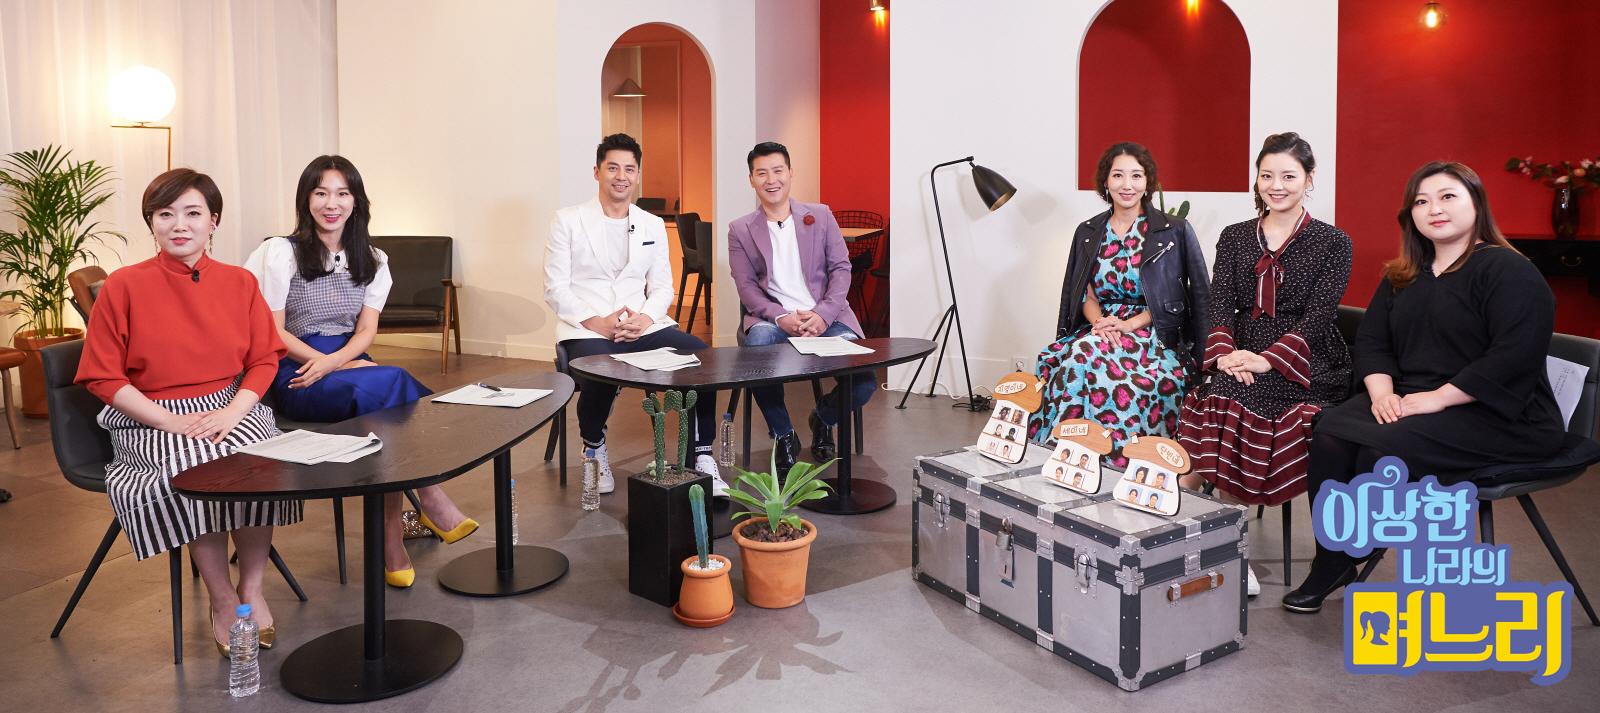 '이상한 나라의 며느리' 김재욱-박세미 부부의 리얼한 모습에 시청자들 반응 폭발!